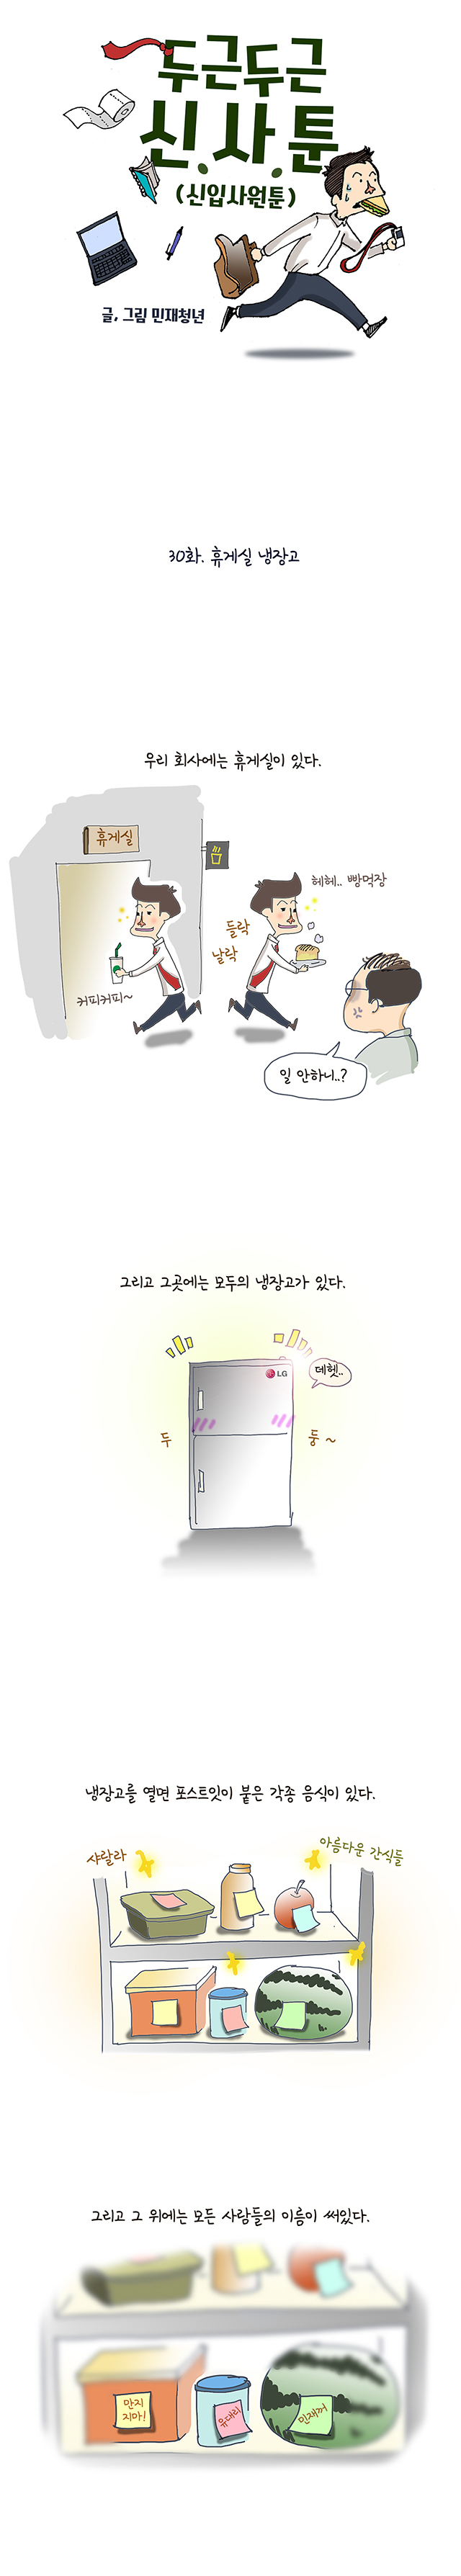 #(상황: 휴게실을 왔다갔다 하는 주인공) 나레이션 : 우리 회사에는 휴게실이 있다. / 주인공 : 헤헤 커피마시자~ 헤헤 빵 먹자~ / 팀장님 : 일 안하니..? #(상황: 웅장 한 냉장고의 등장) 나레이션 : 그리고 그 곳에는 모두의 냉장고가 있다. #(상황 : 냉장고 안에 가득한 음식들과 그 위에 붙어 있는 포스트잇. 그리고 그 위에 써있는 사람들의 이름들) 나레이션 : 냉장고를 열면 포스트잇이 붙은 각종 음식이 있다. 그리고 그 위에는 모든 사람들의 이름이 써있다.